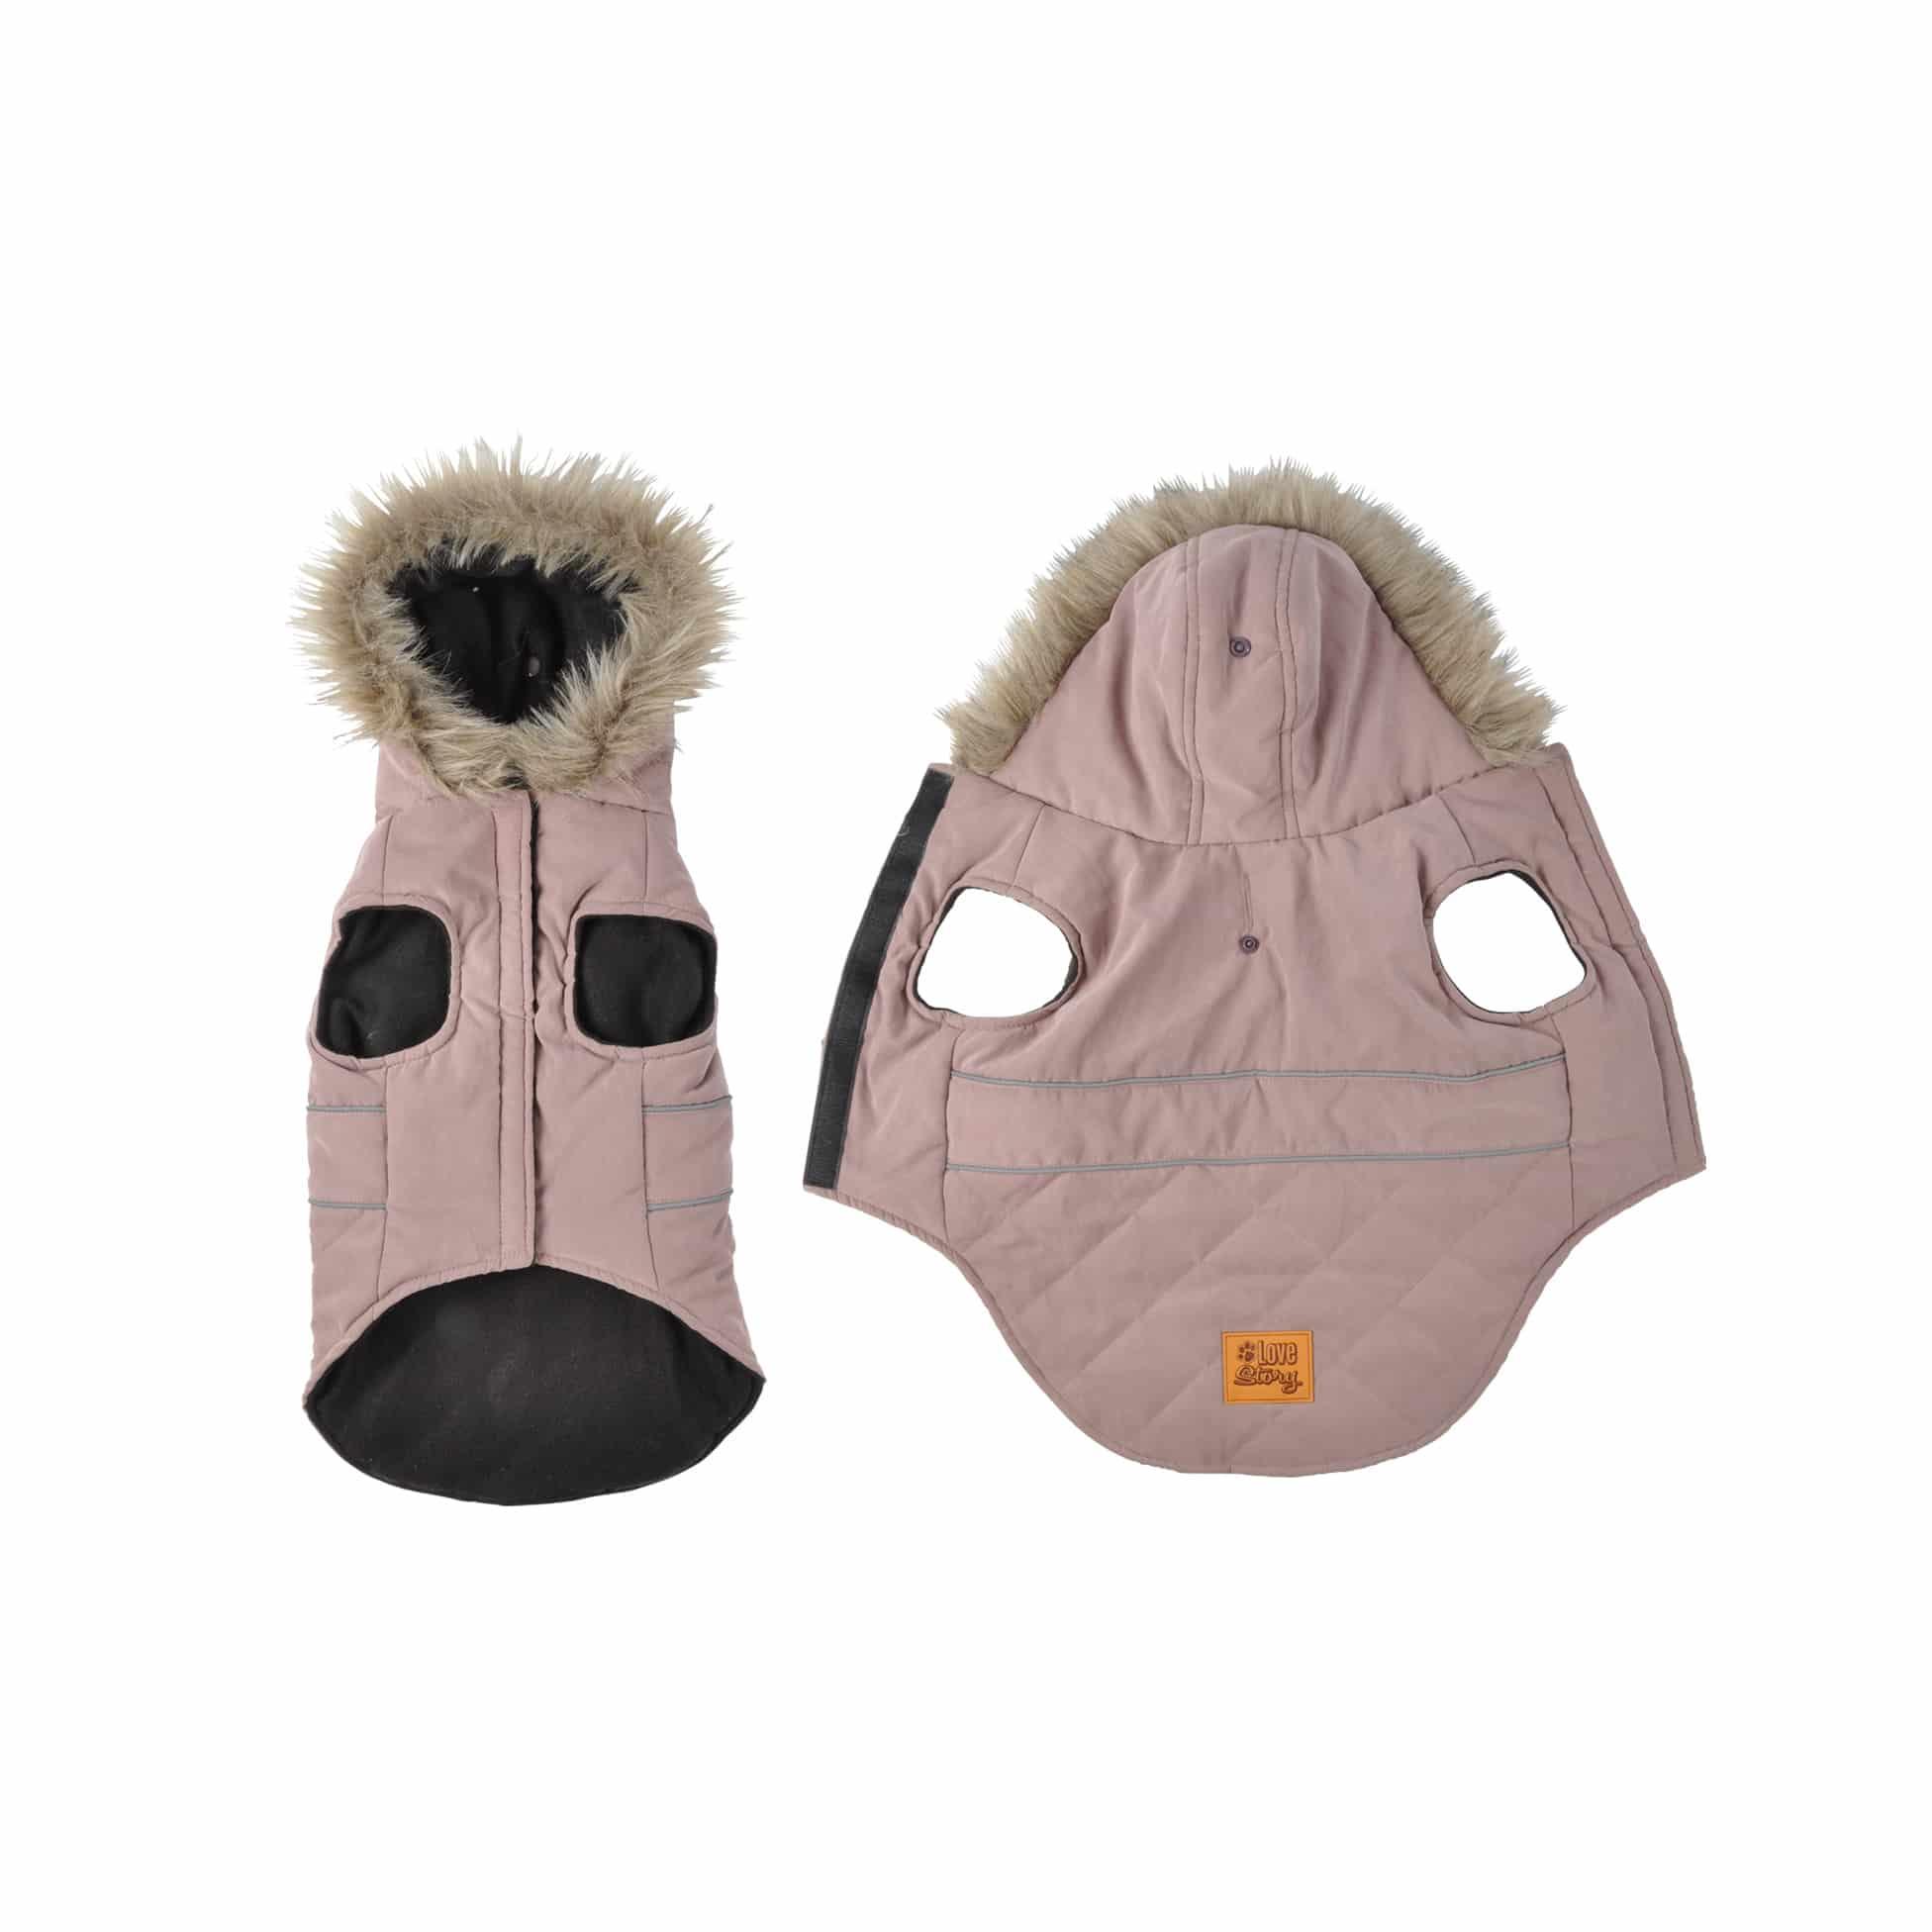 4Goodz Hondenjas met bontkraag - winterjas hond 40 cm - Roze